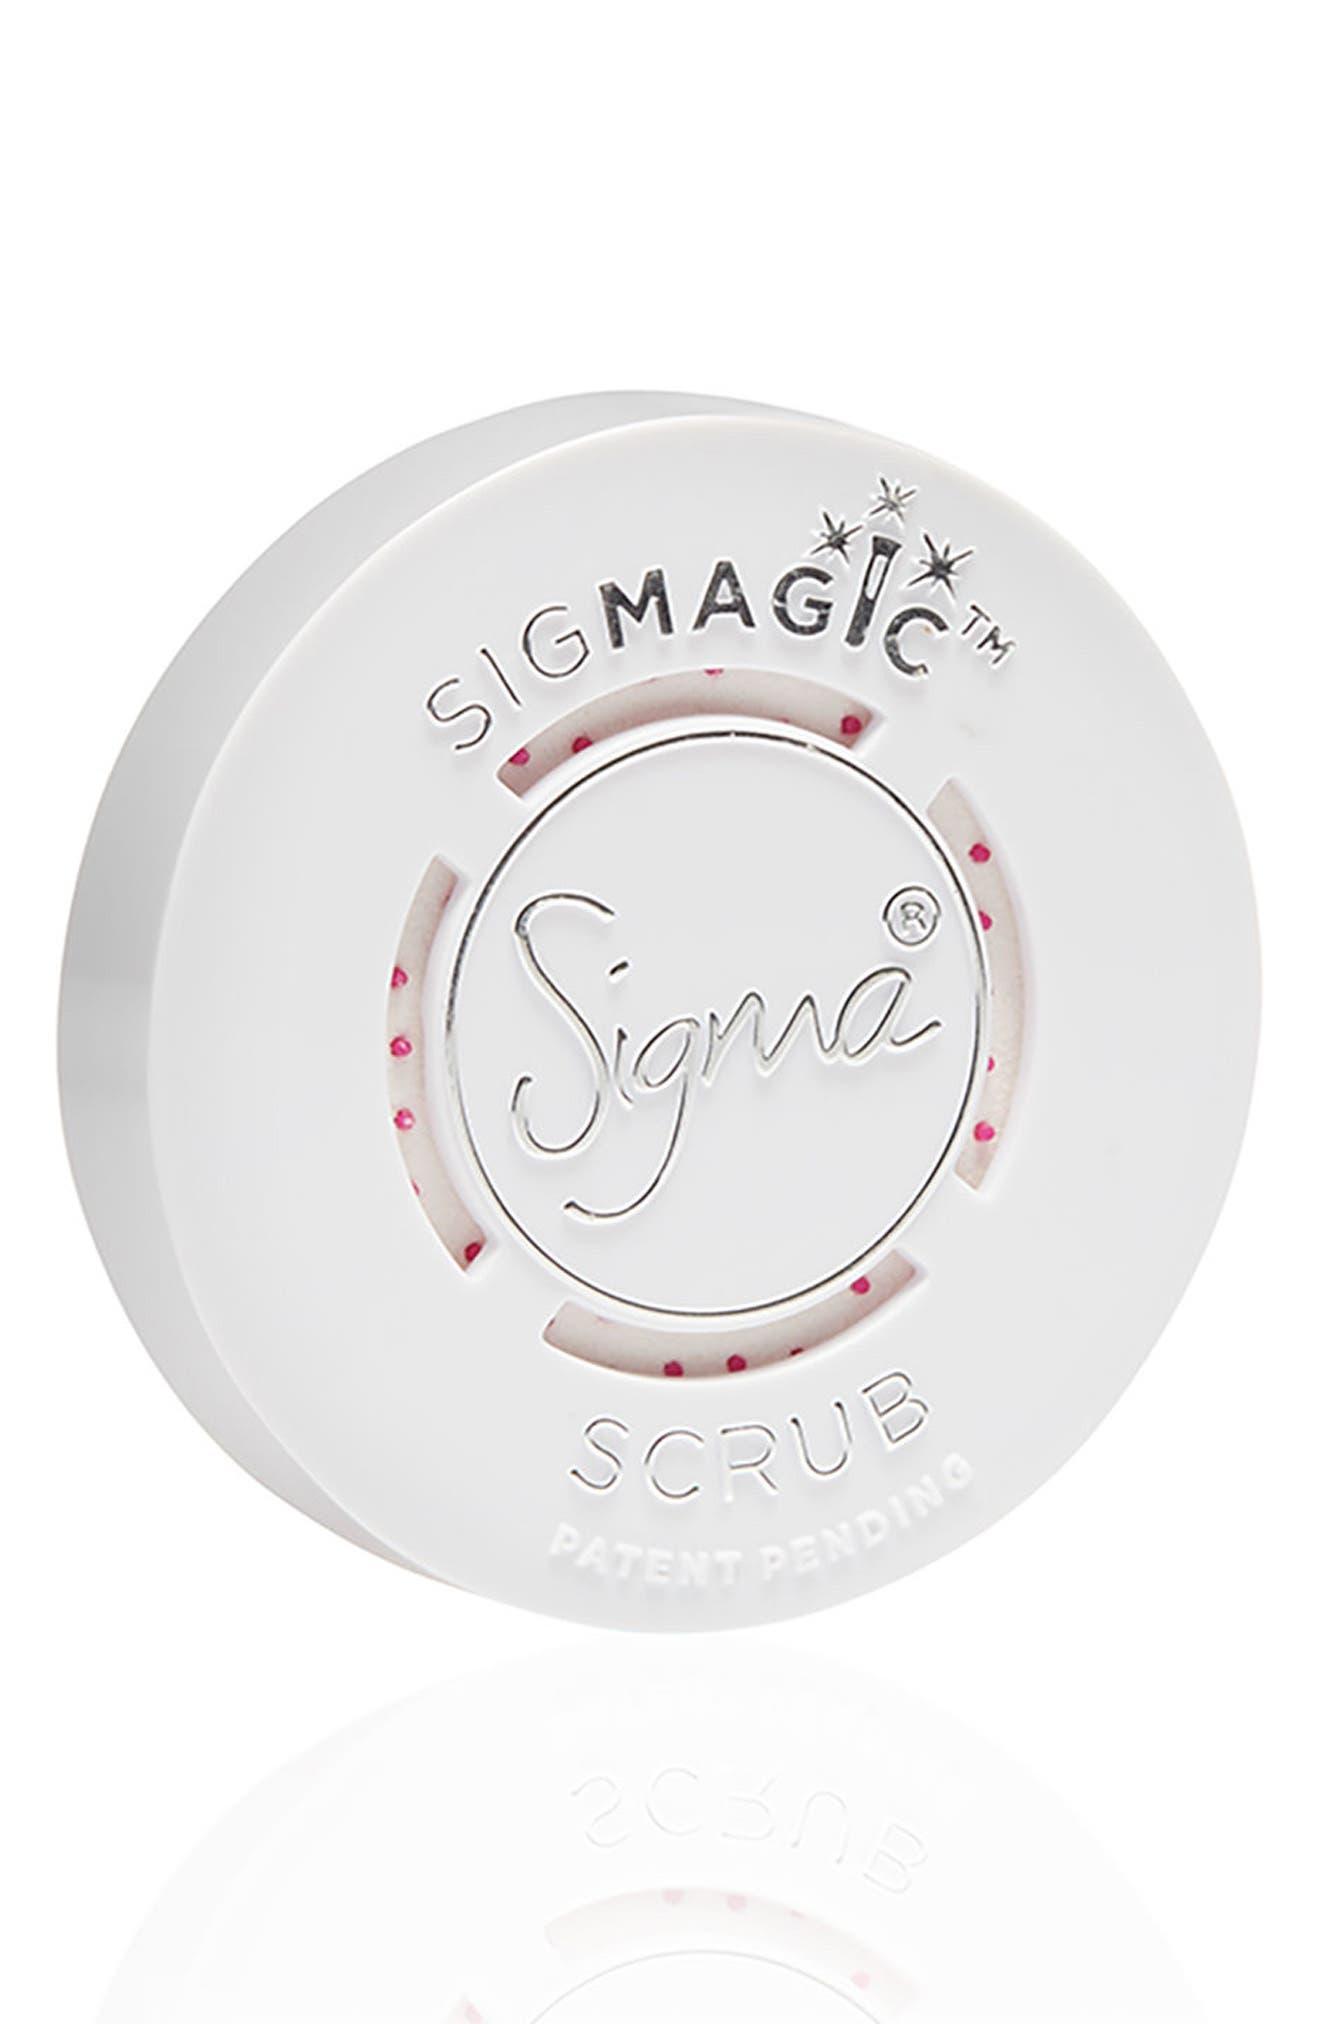 SigMagic<sup>®</sup> Scrub,                             Main thumbnail 1, color,                             No Color